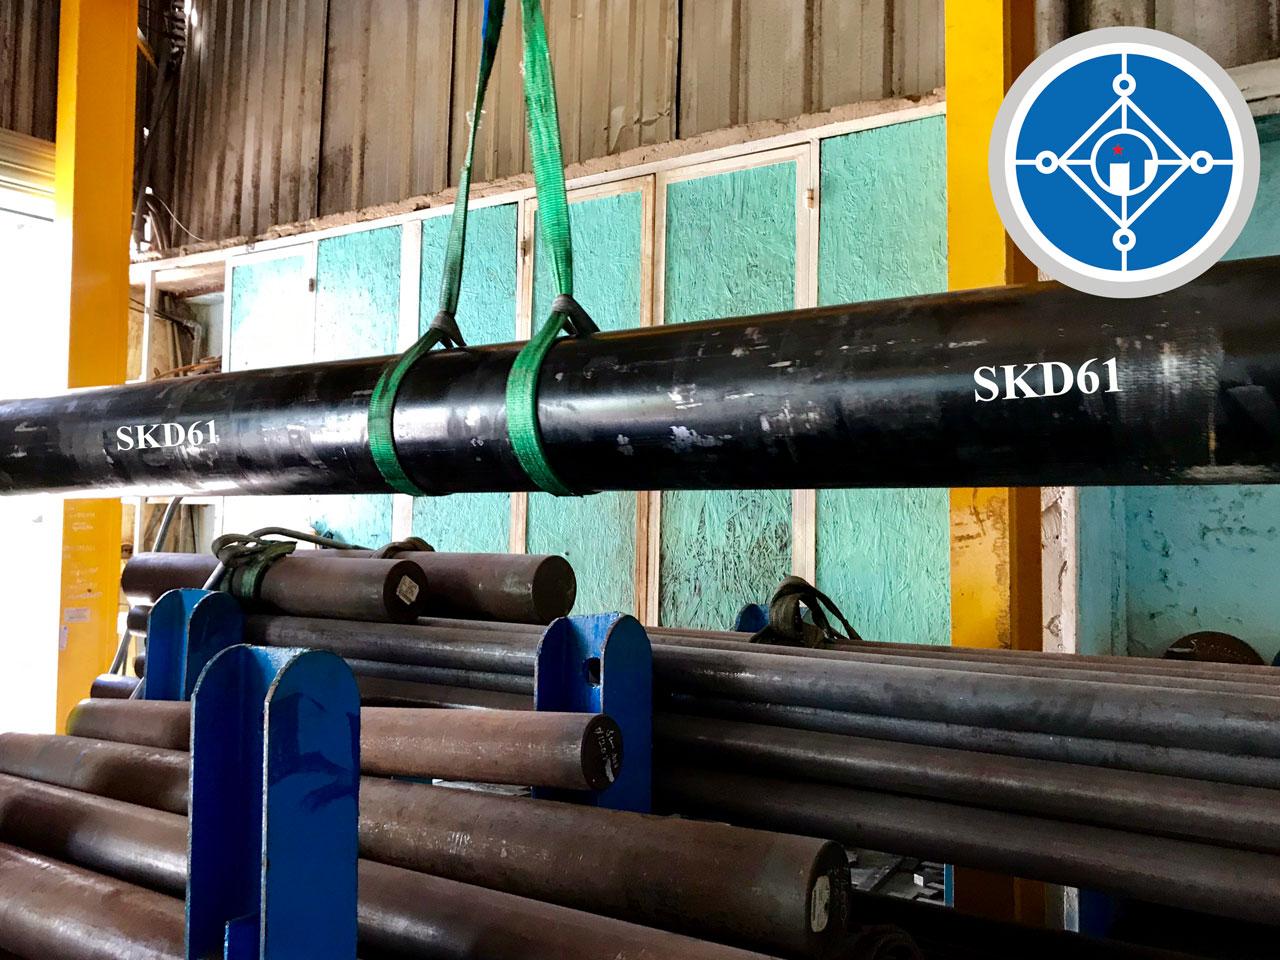 Tại sao khuôn dập nóng phải làm từ thép SKD61